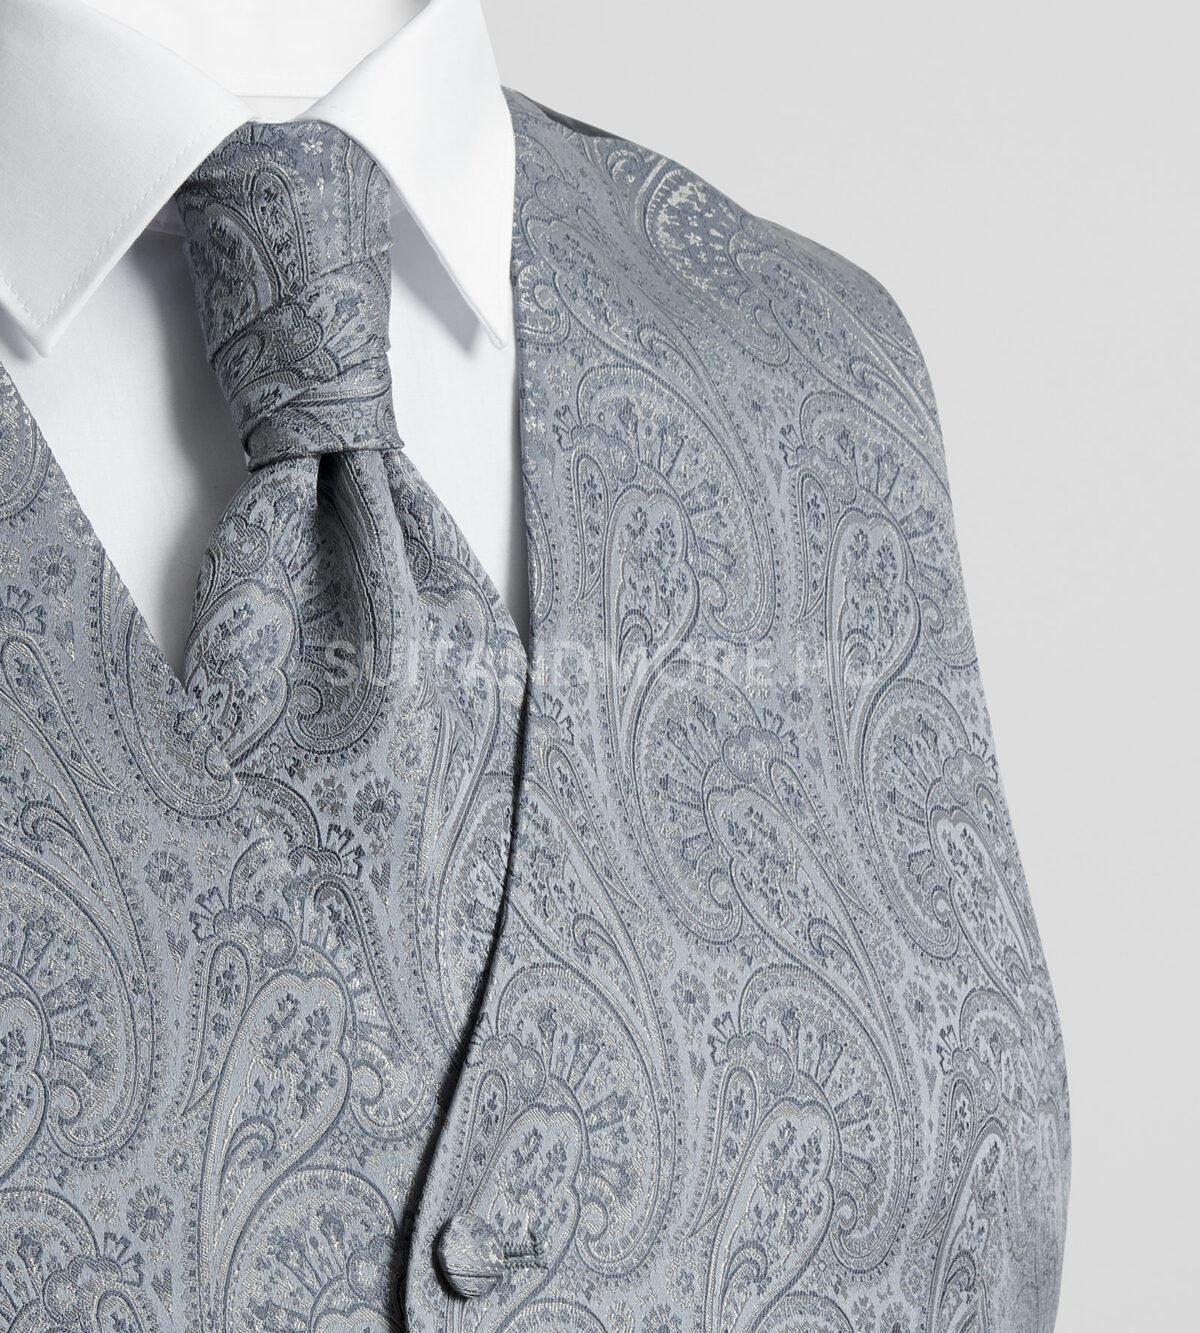 DIGEL-CEREMONY-szürke-modern-fit-paisley-mintás-esküvői-mellény-LAMBERT-1006910-46-03